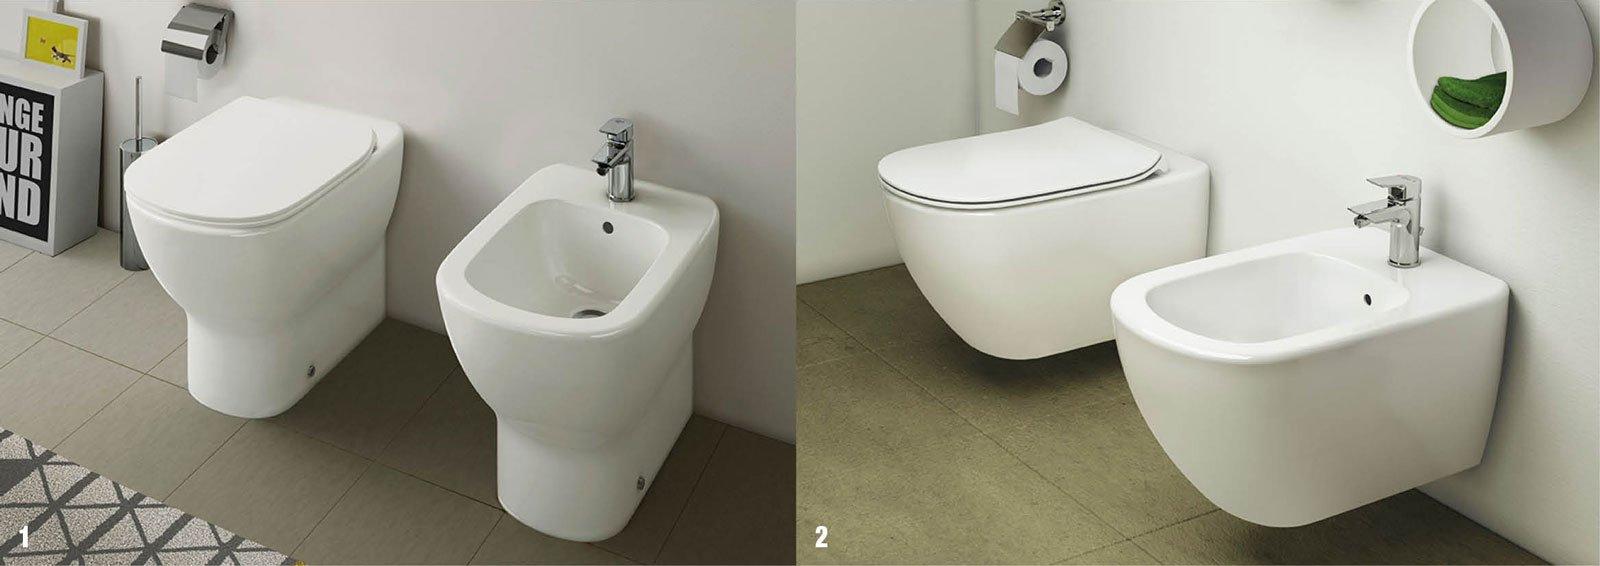 Tesi e Ceramix per un bagno di tendenza - Cose di Casa